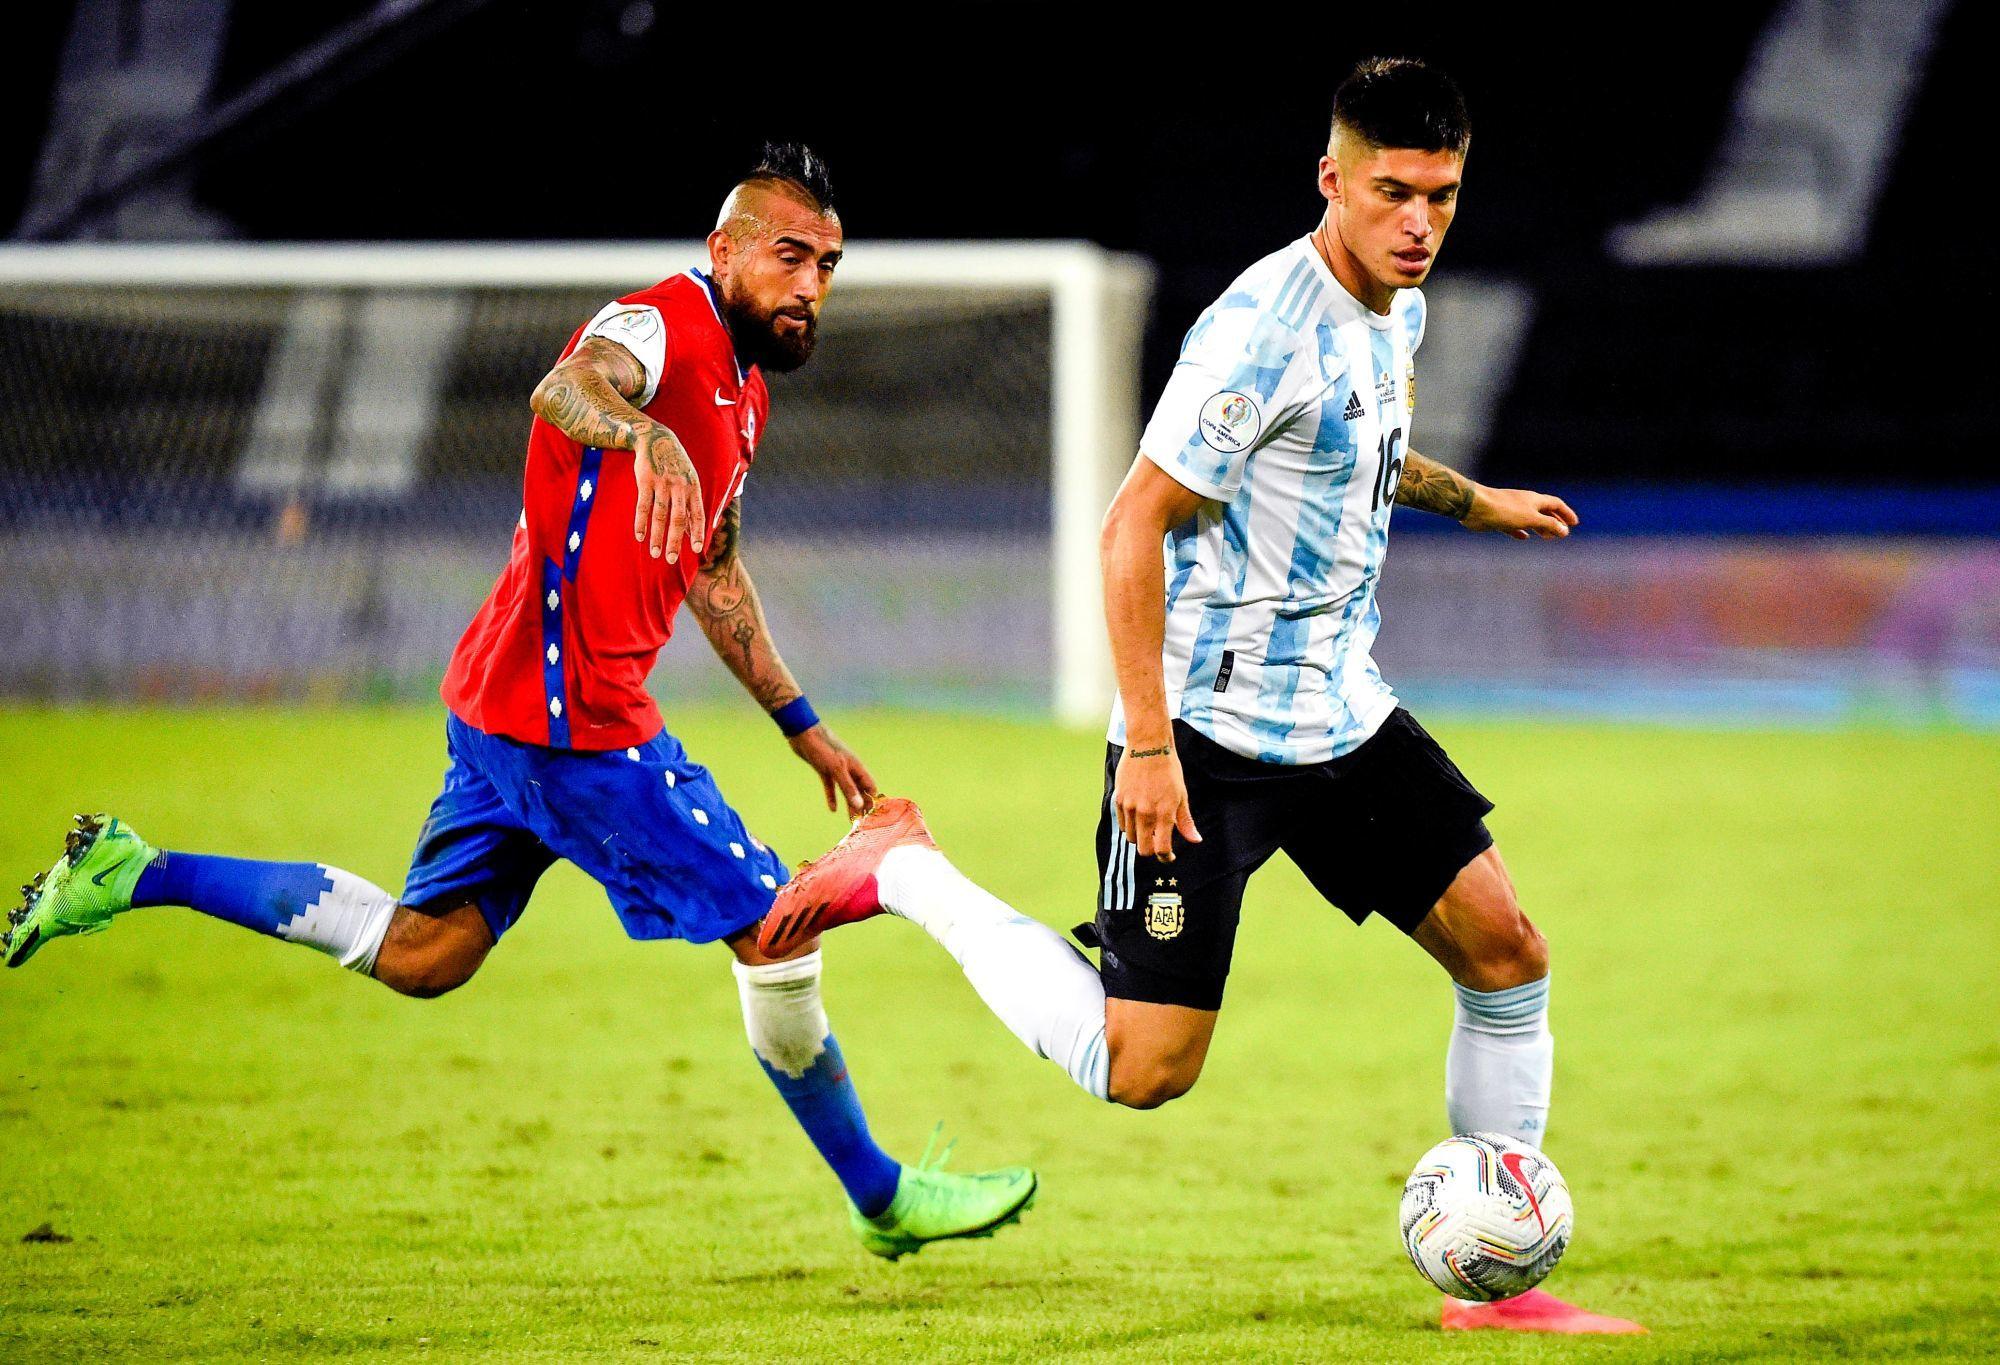 Mercato - Une offre du PSG pour Correa évoquée dans la presse italienne